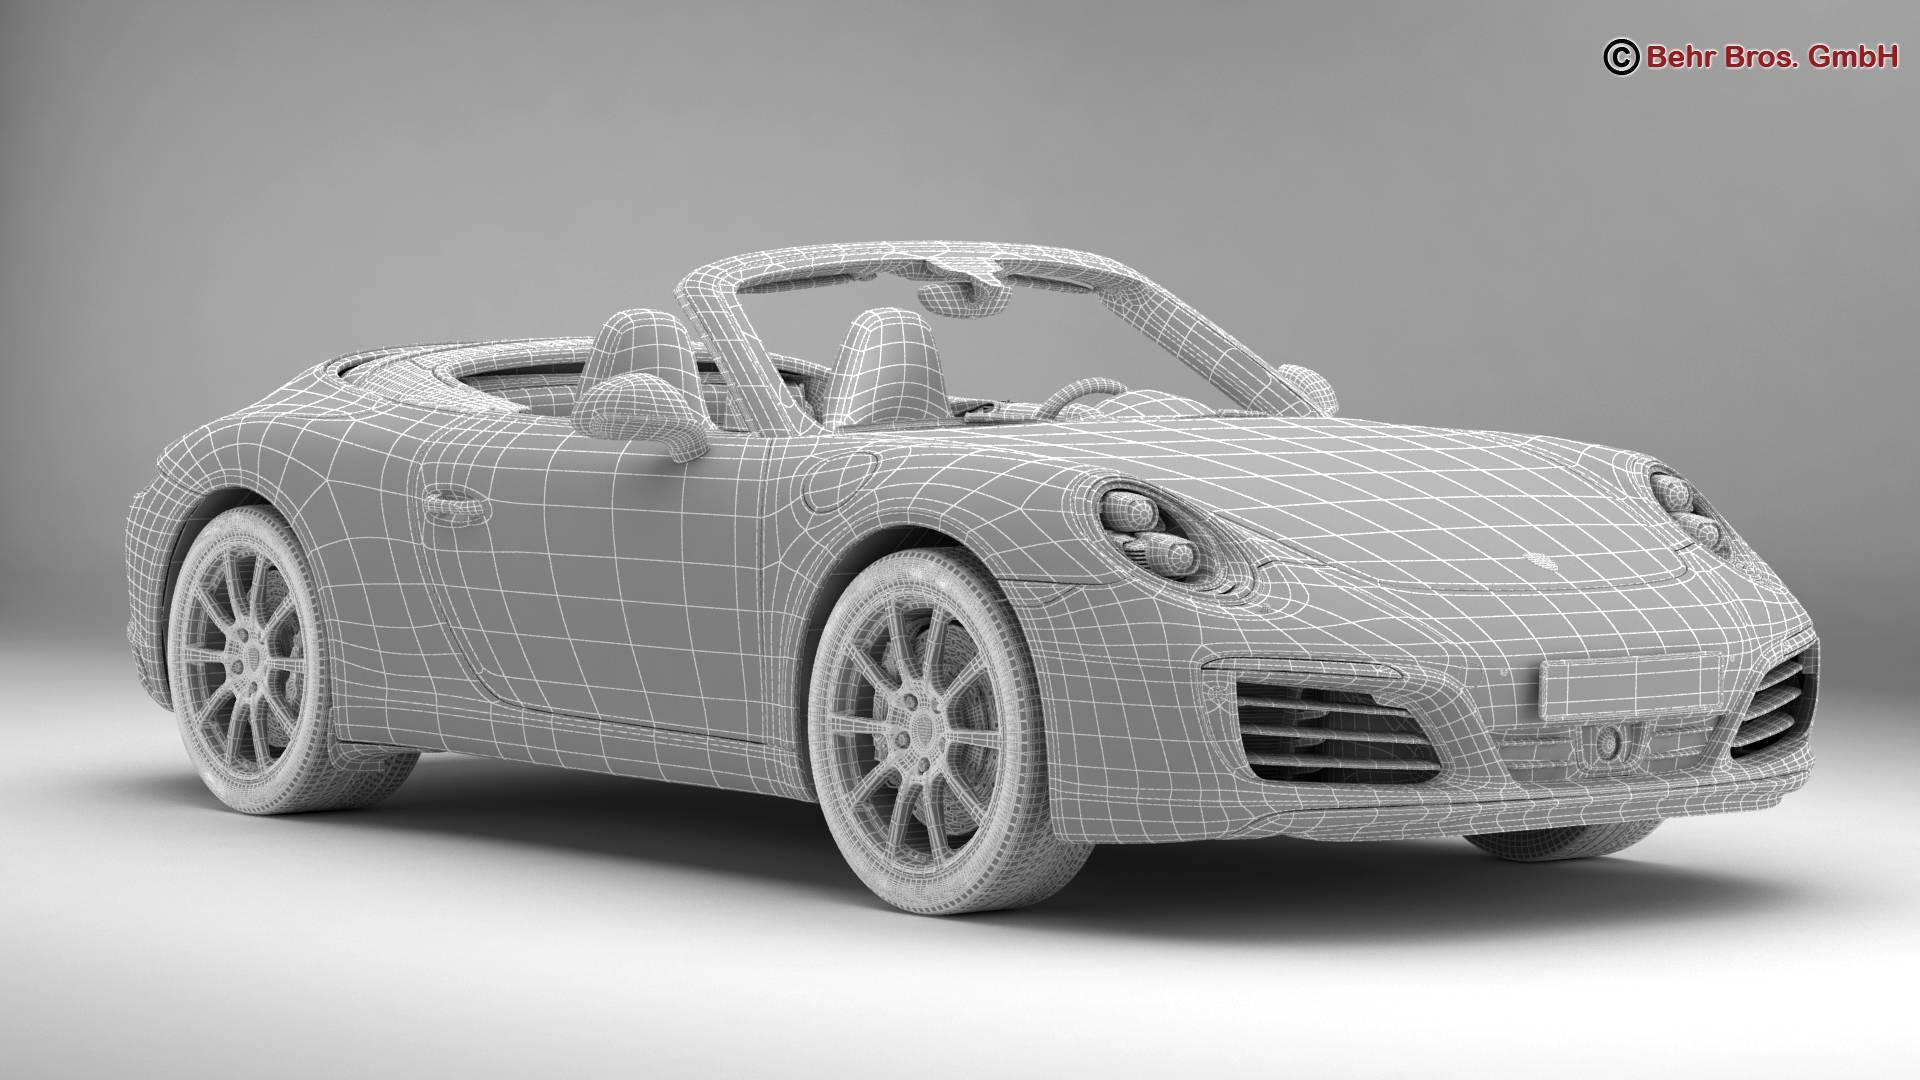 porsche 911 carrera cabriolet 2017 3d líkan 3ds max fbx c4d lwo ma mb obj 220806